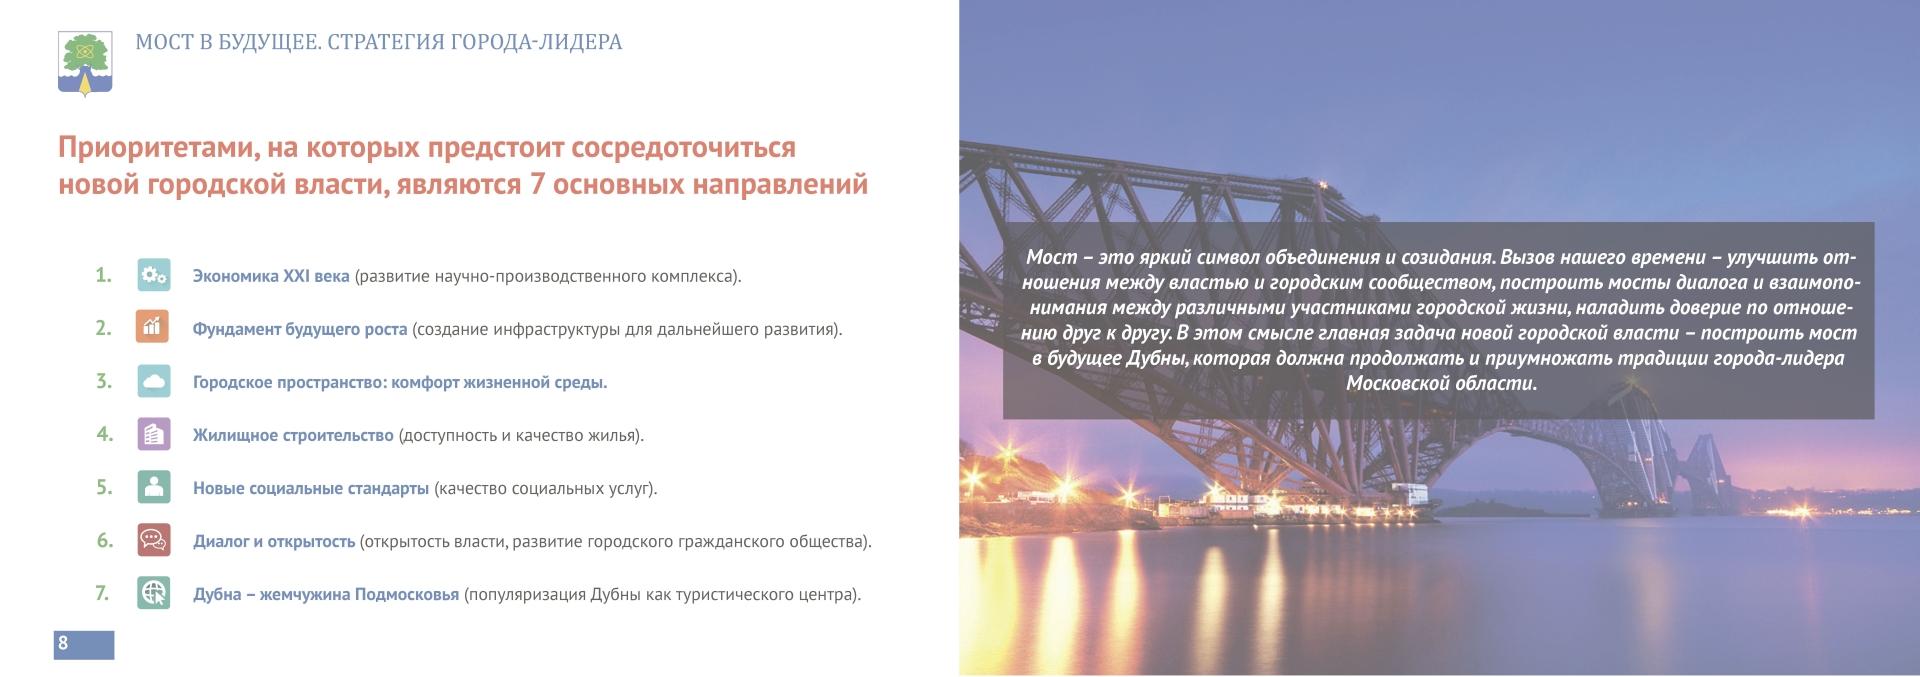 DTS_032_Страница_04